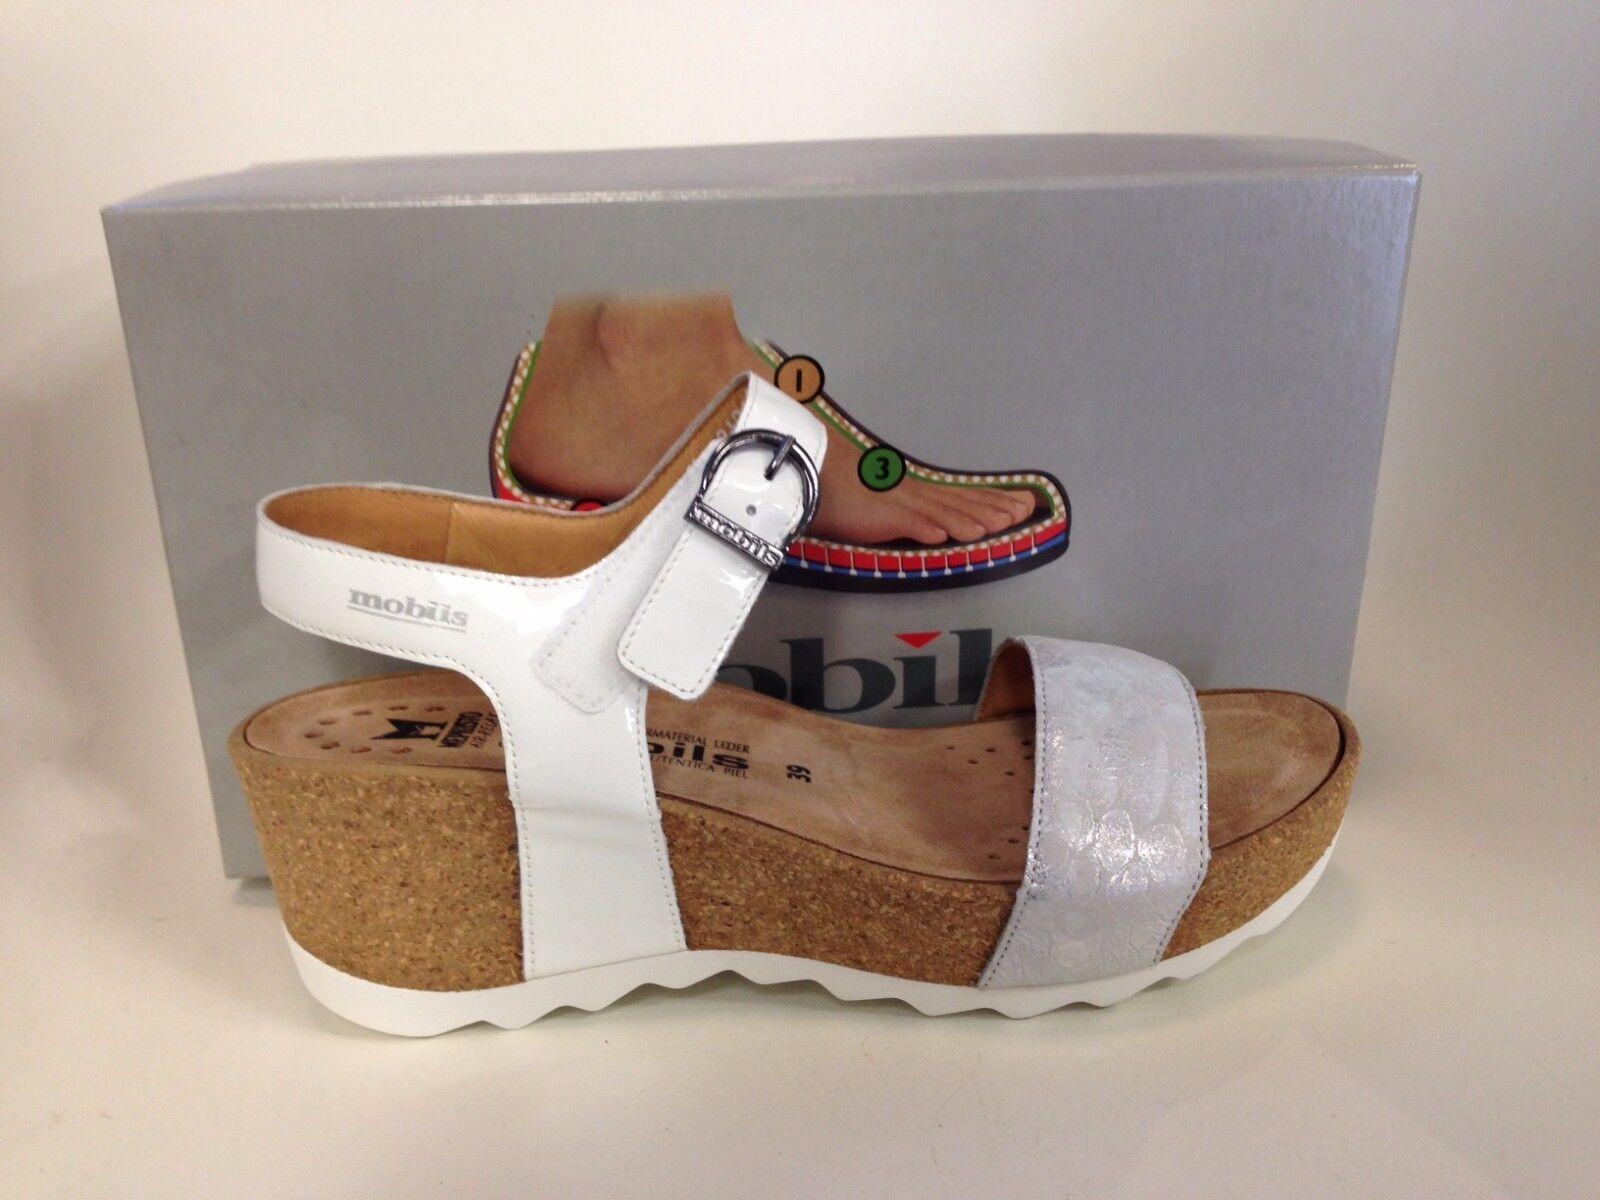 Mephisto Xandra blancoo Comfort Sandal Mujer Tallas Tallas Tallas 35-42    nuevo  marcas de diseñadores baratos